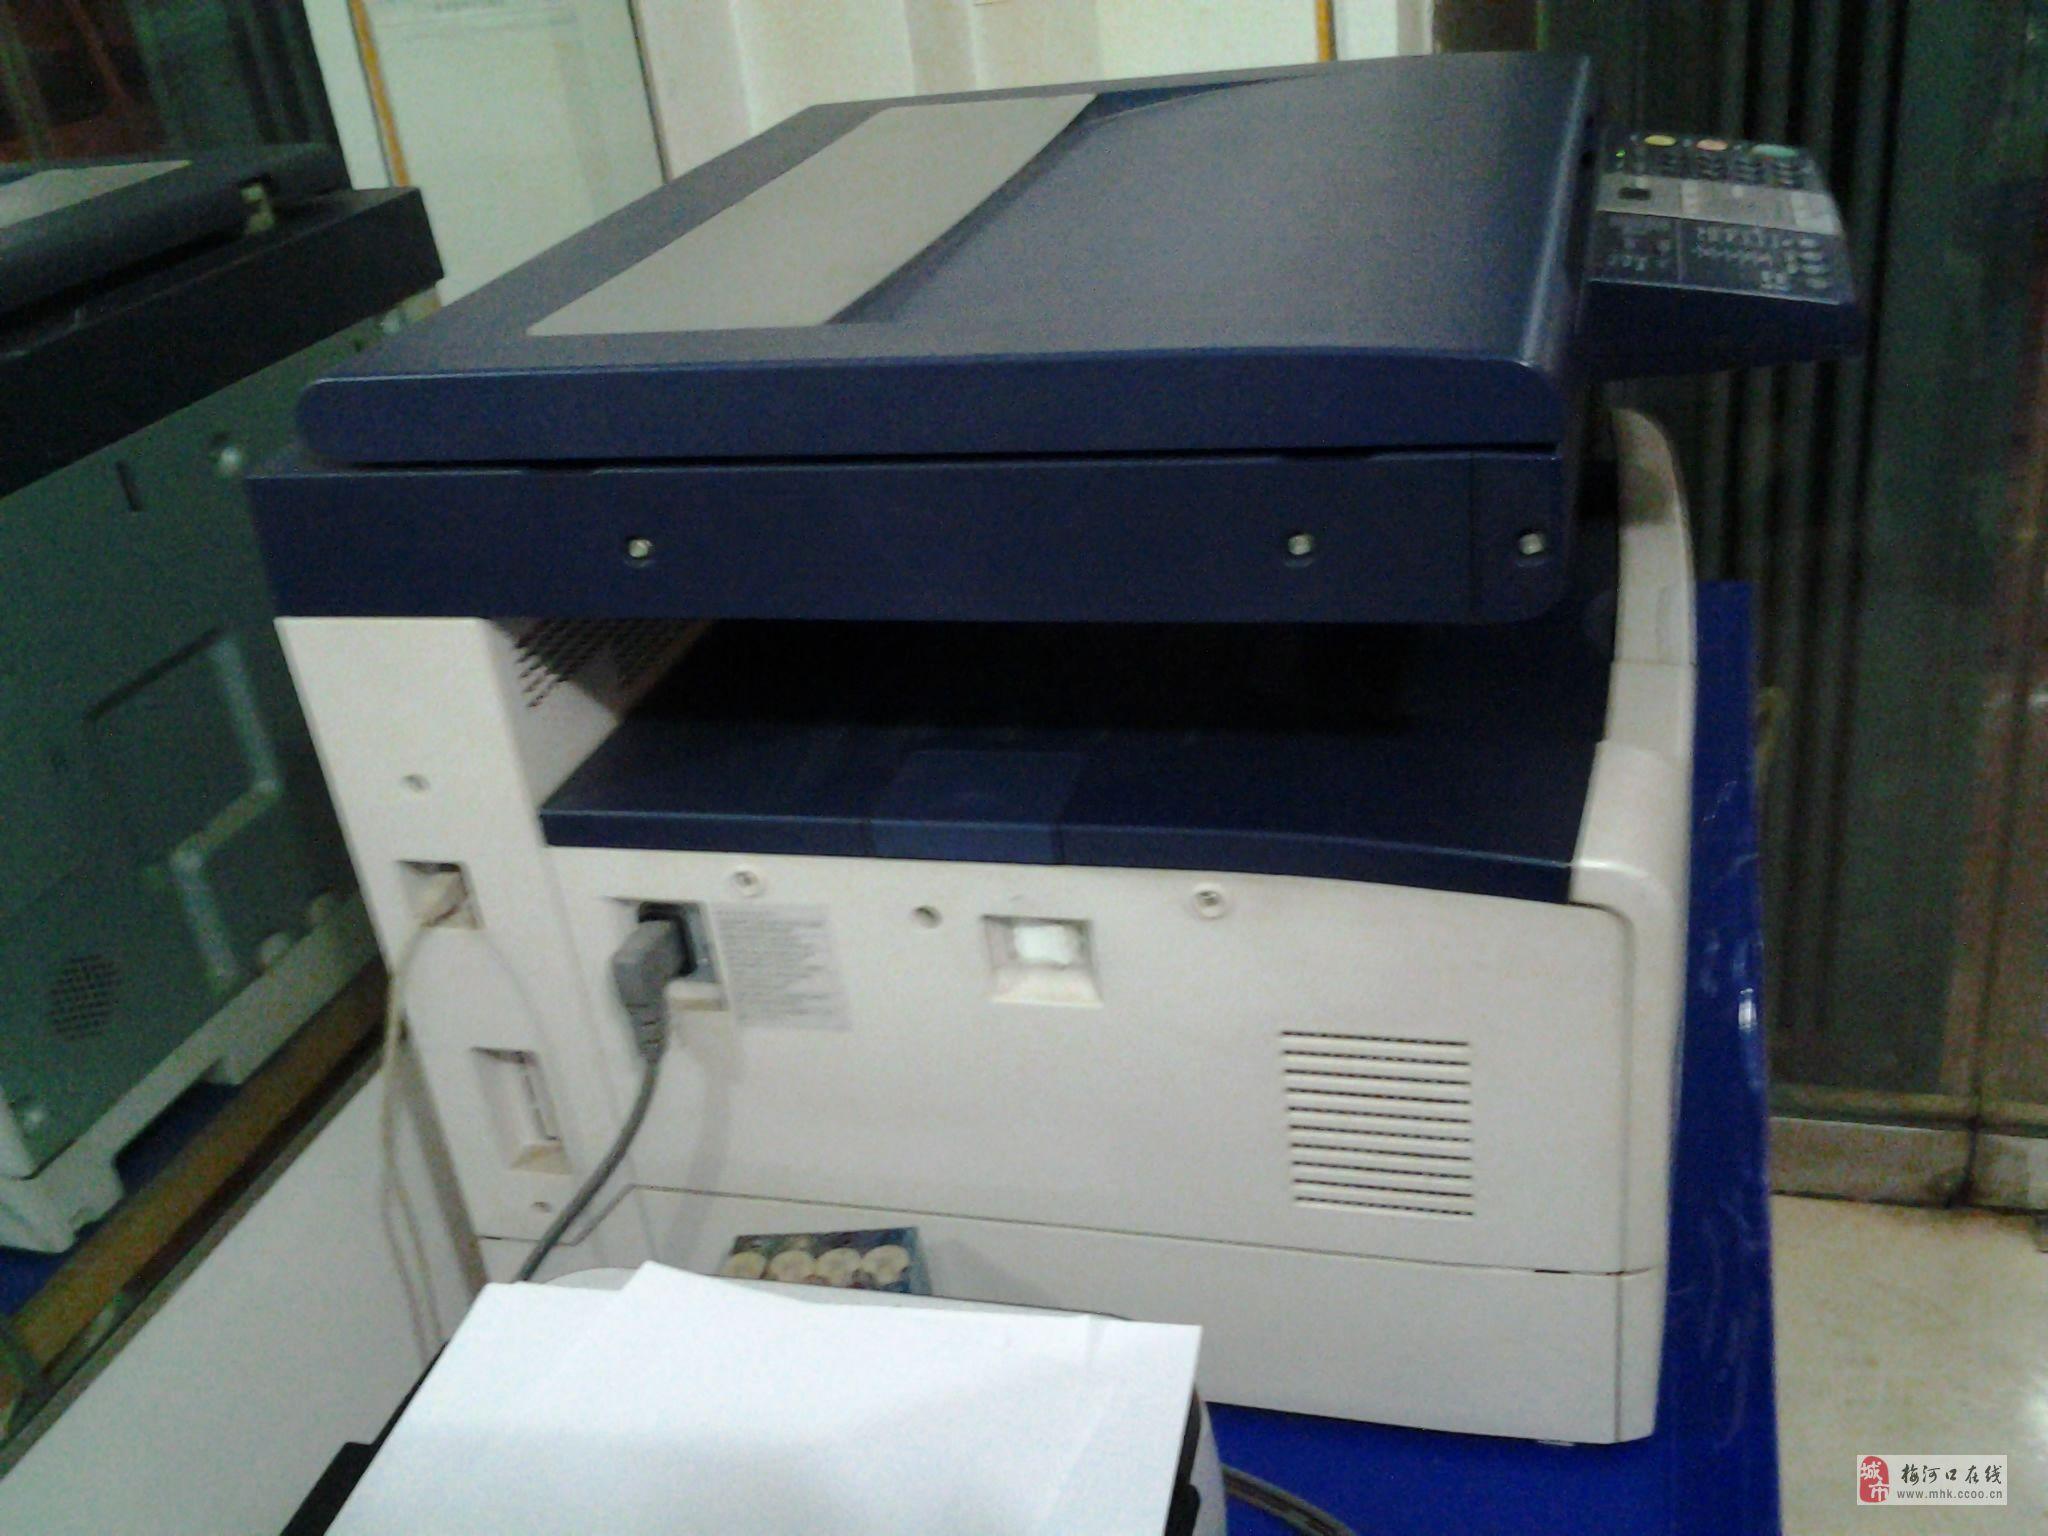 出售东芝9成新复印一体机(带联机打印)